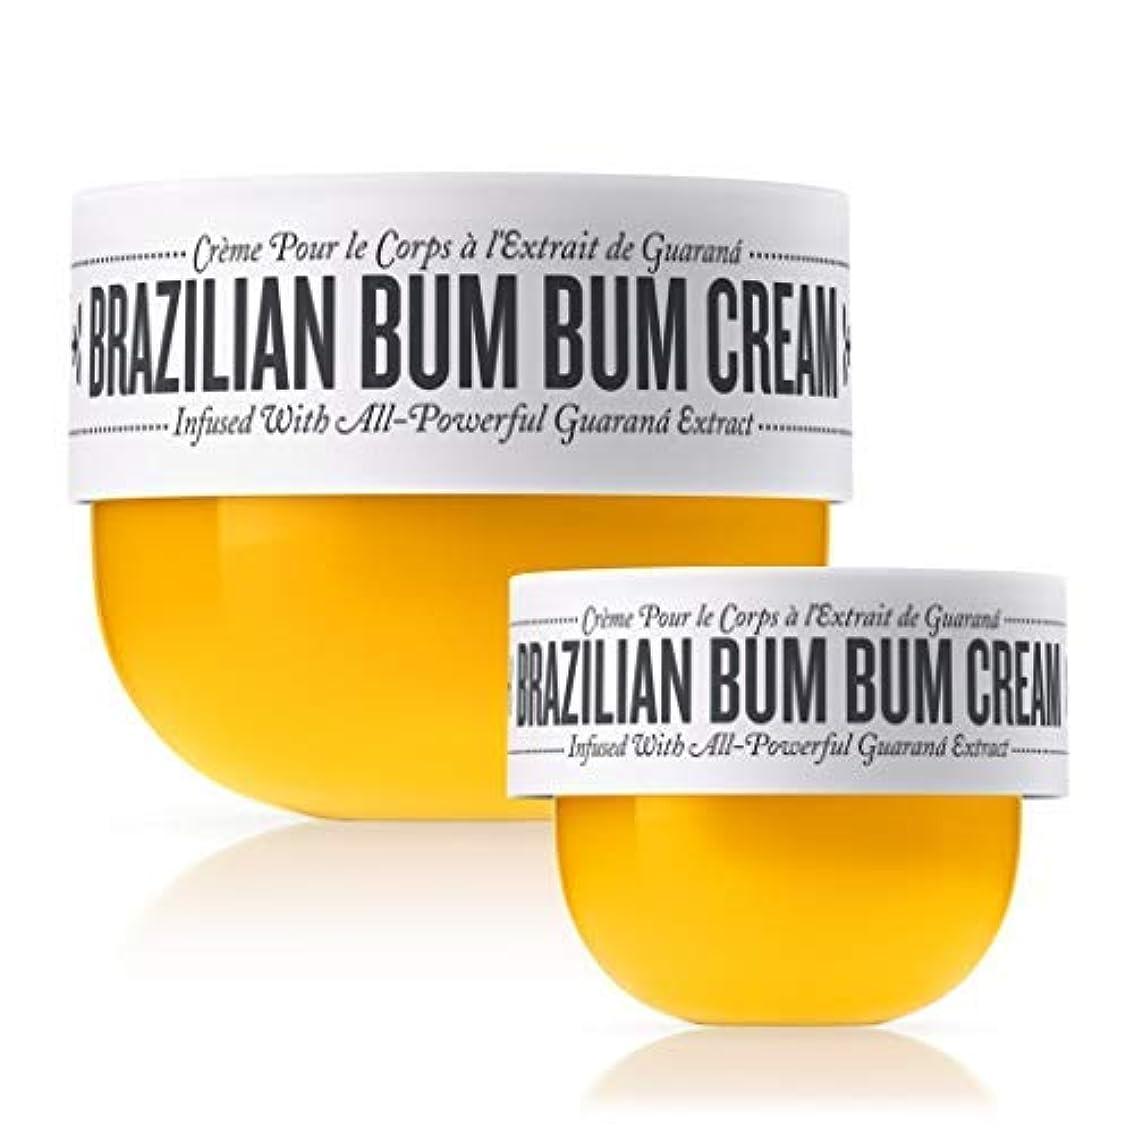 質量リテラシー乙女Sol de Janeiro Bum Bum Cream Includes a full size (240ml) and a travel size (75ml) Brazilian Bum Bum Cream. - Bundle 2 pack [並行輸入品]